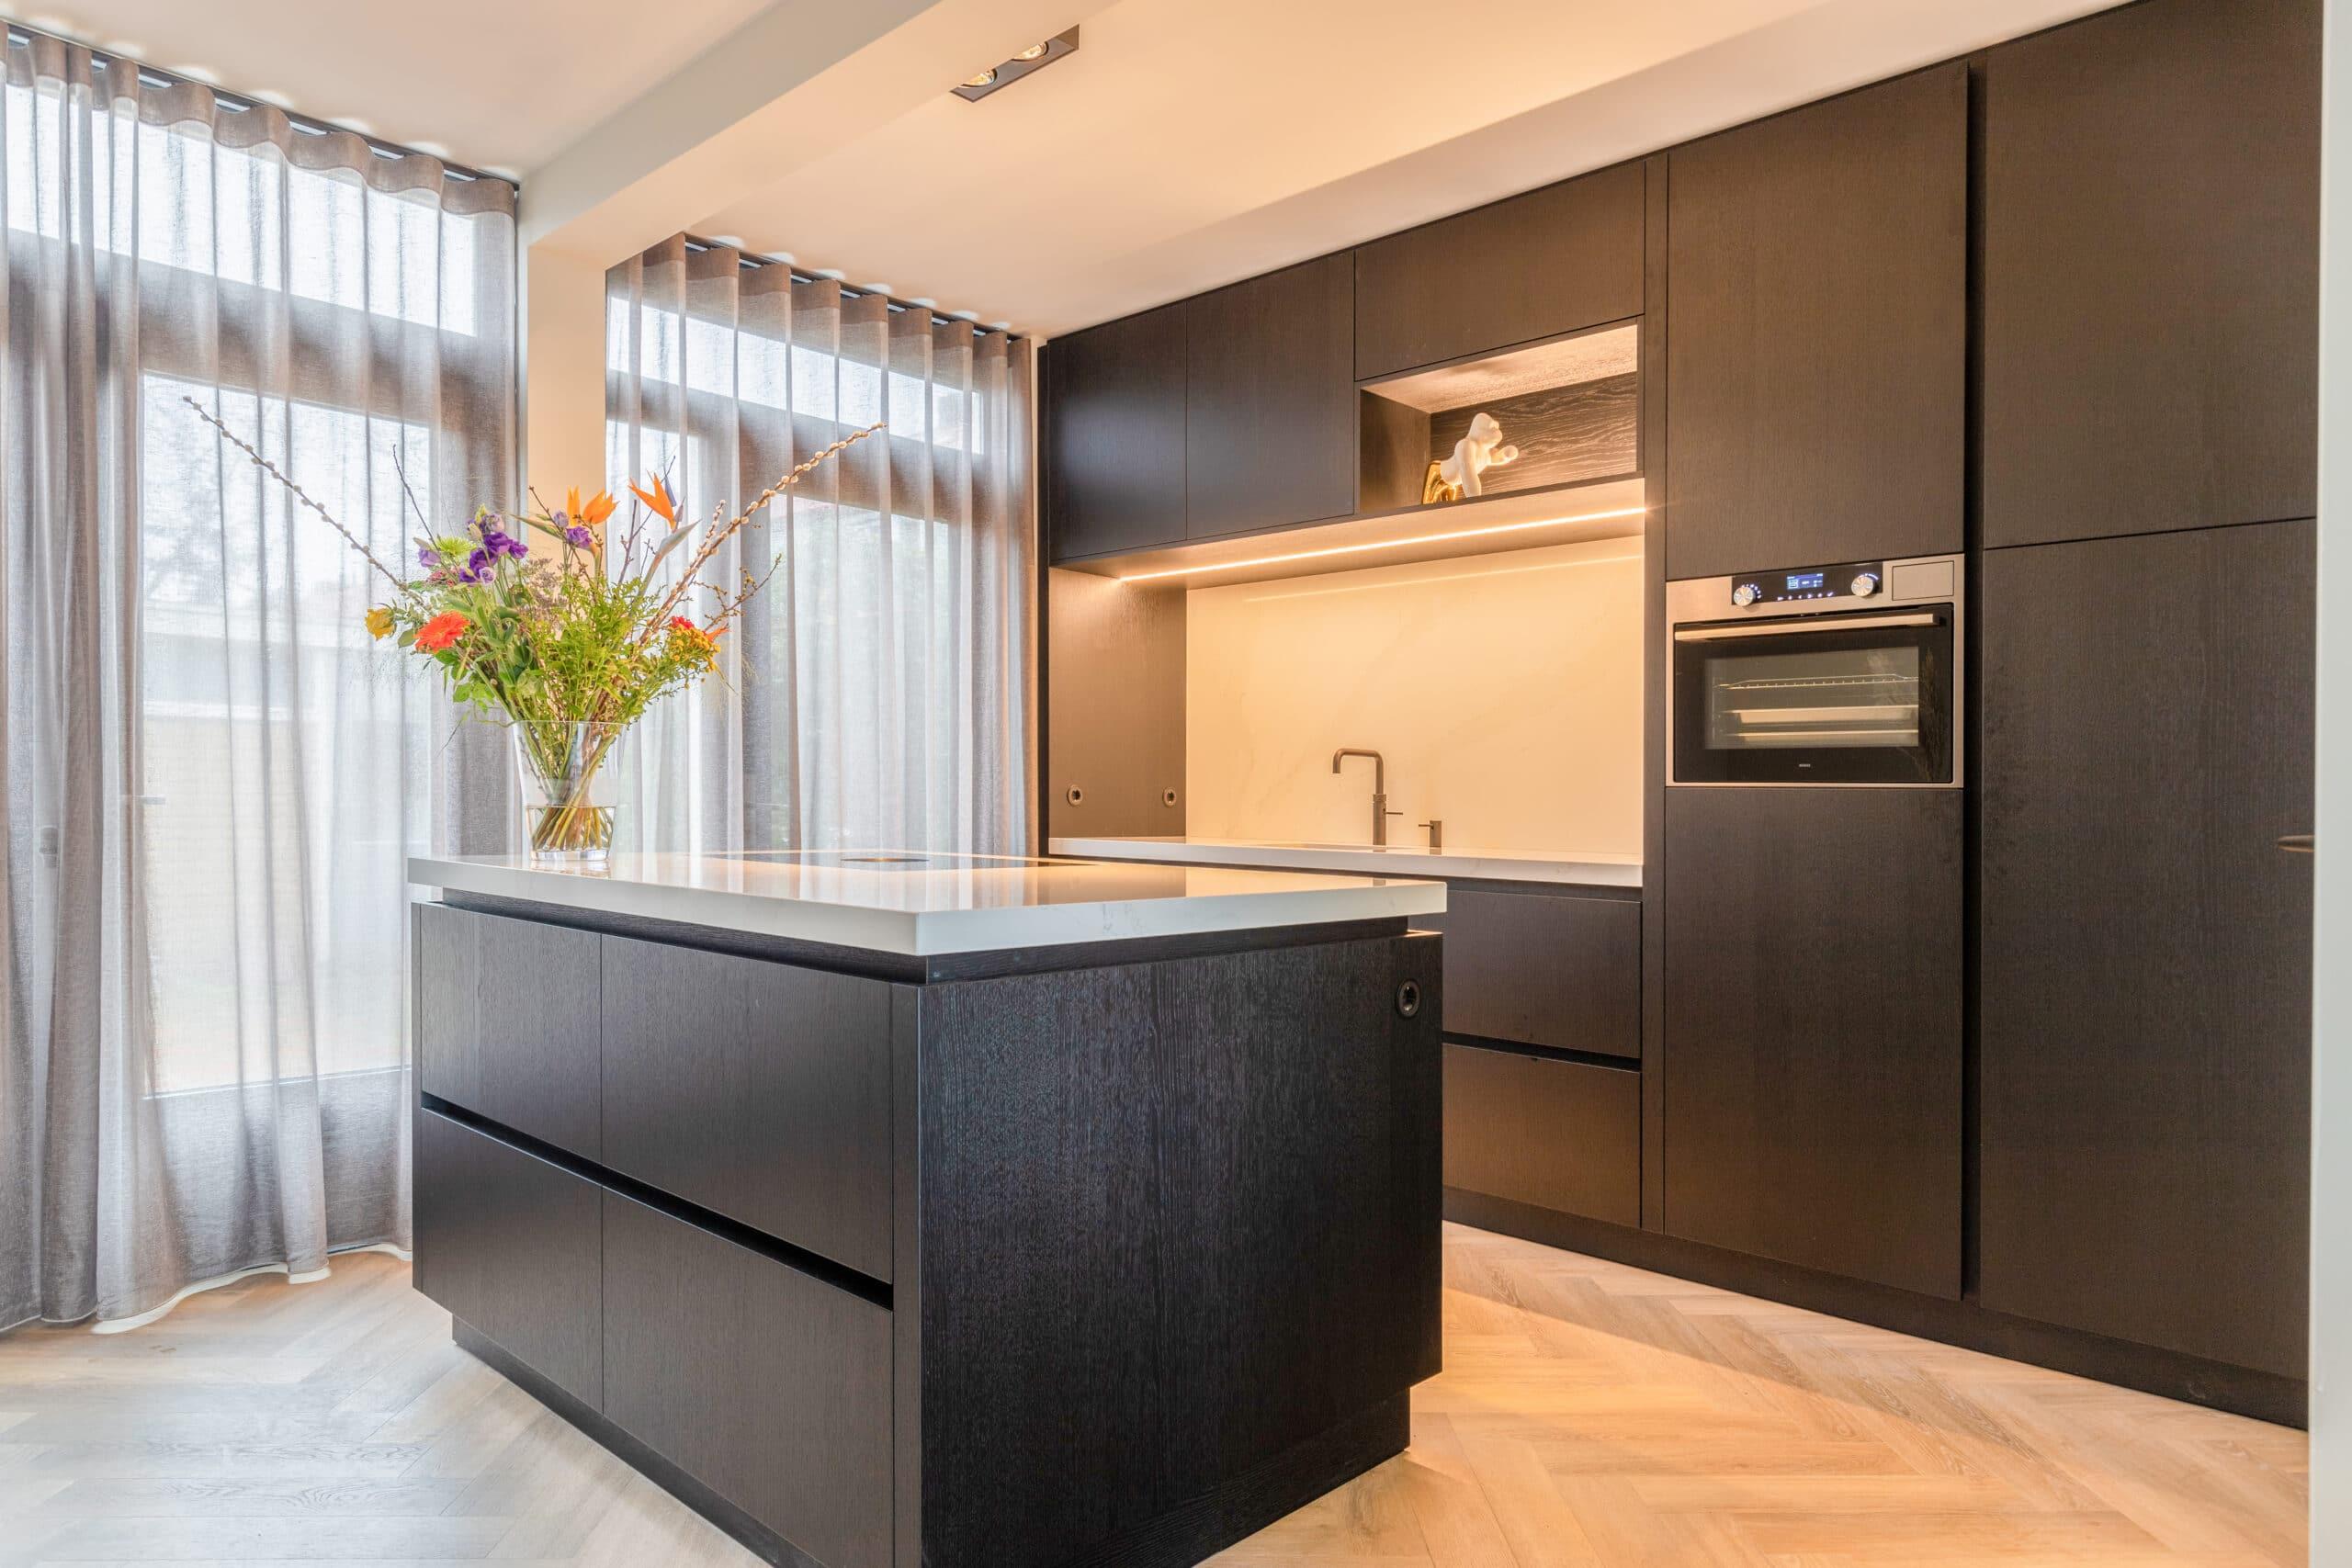 Keuken in zwart eik fineer Den Bosch